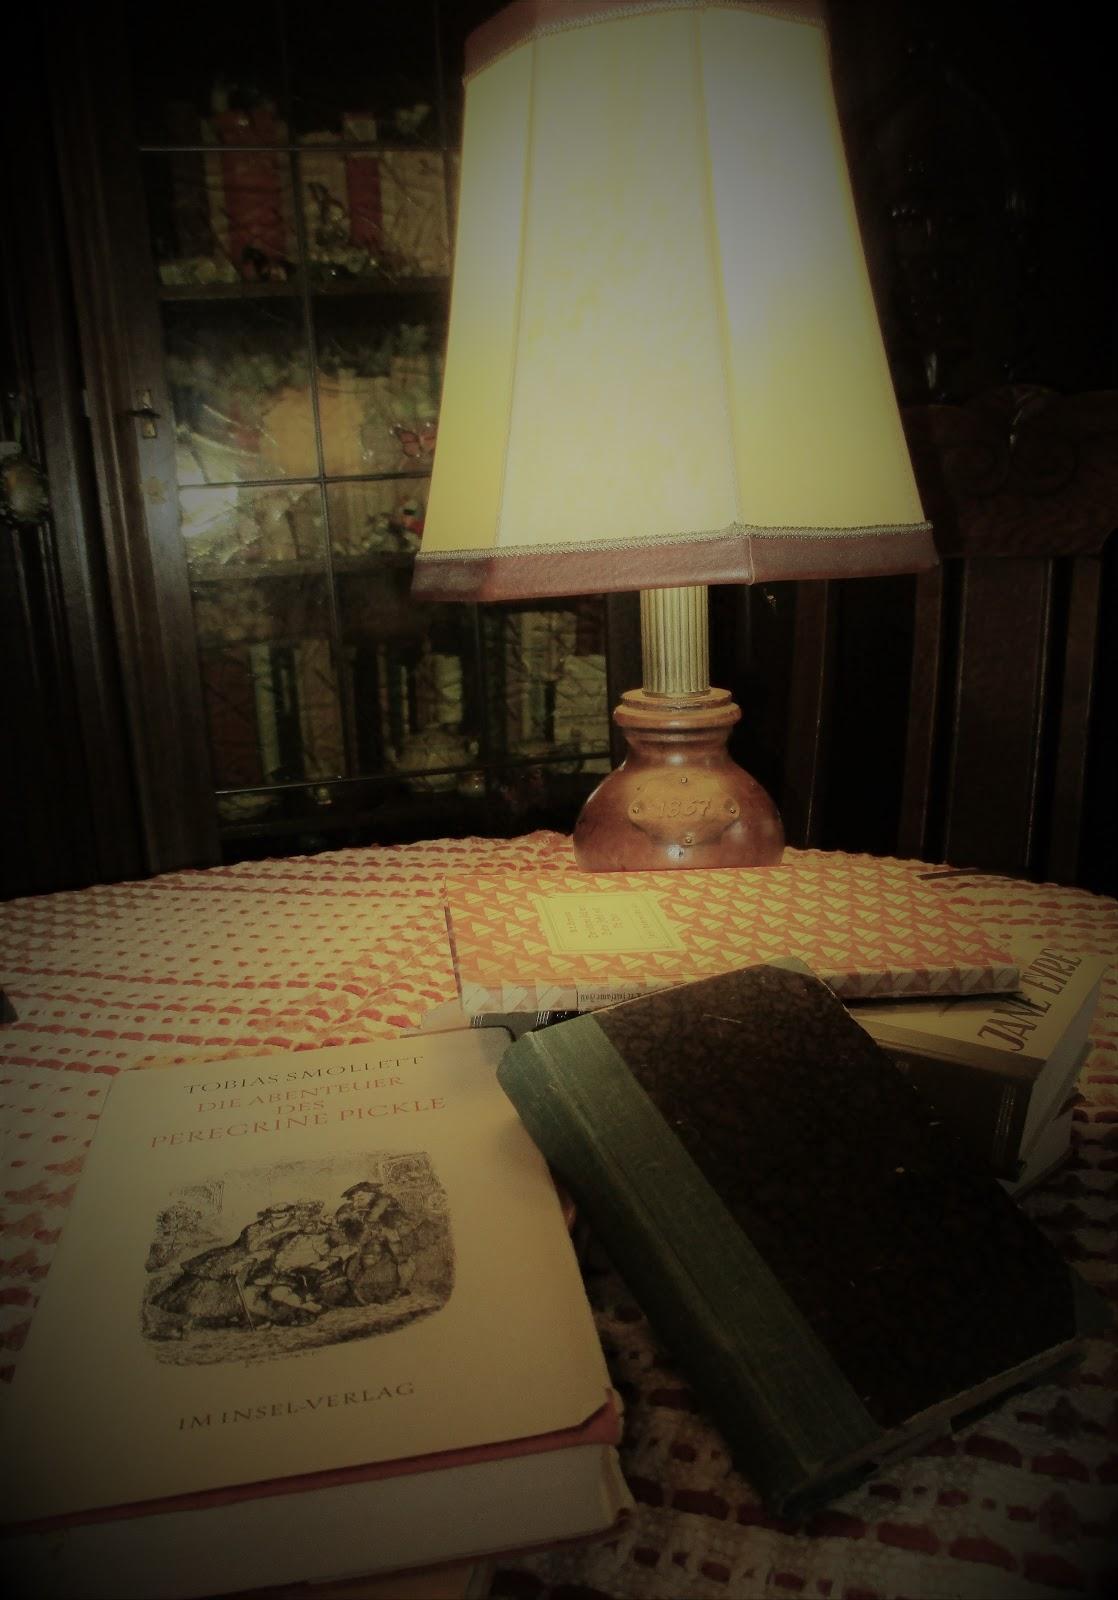 Viktorianische Literatur wird immer cooler